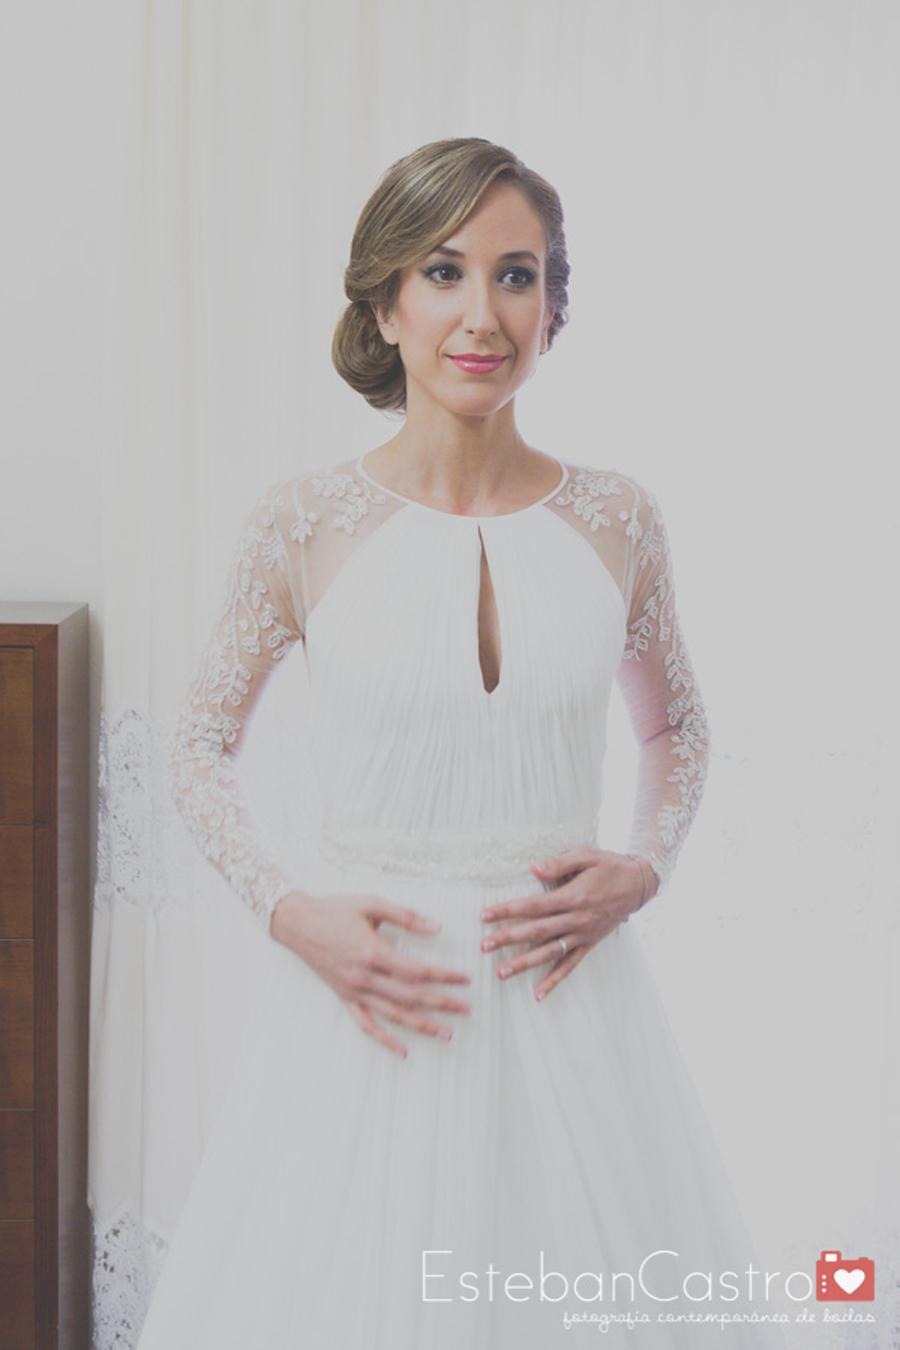 boda-elmadroño-estebancastro-3733